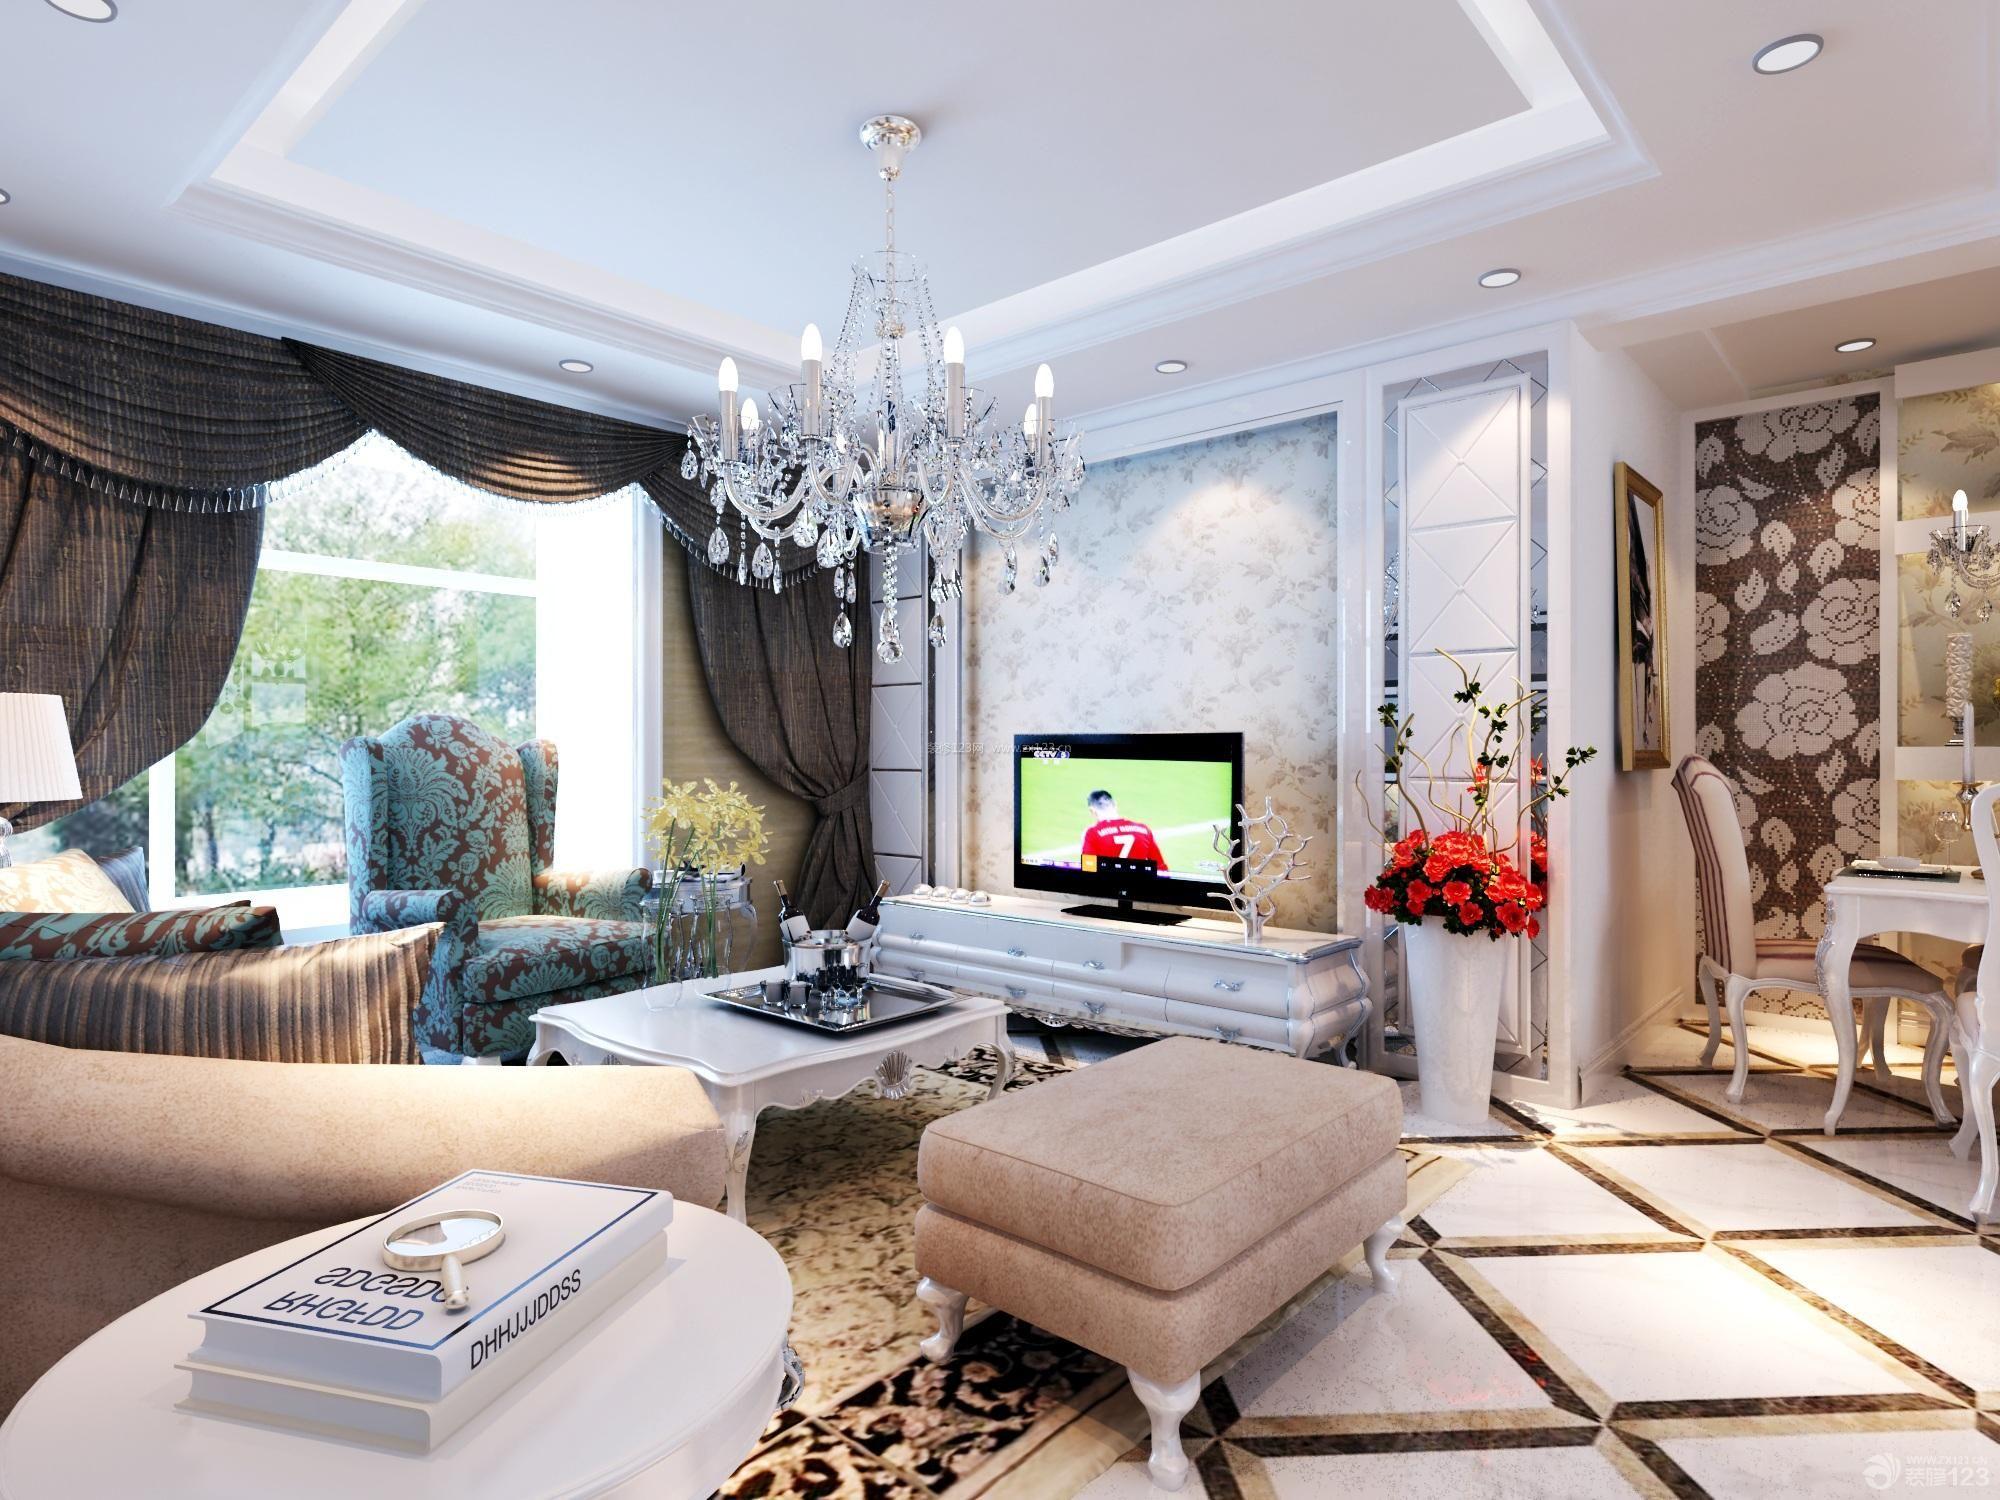 欧式客厅吊顶水晶灯装修效果图图片